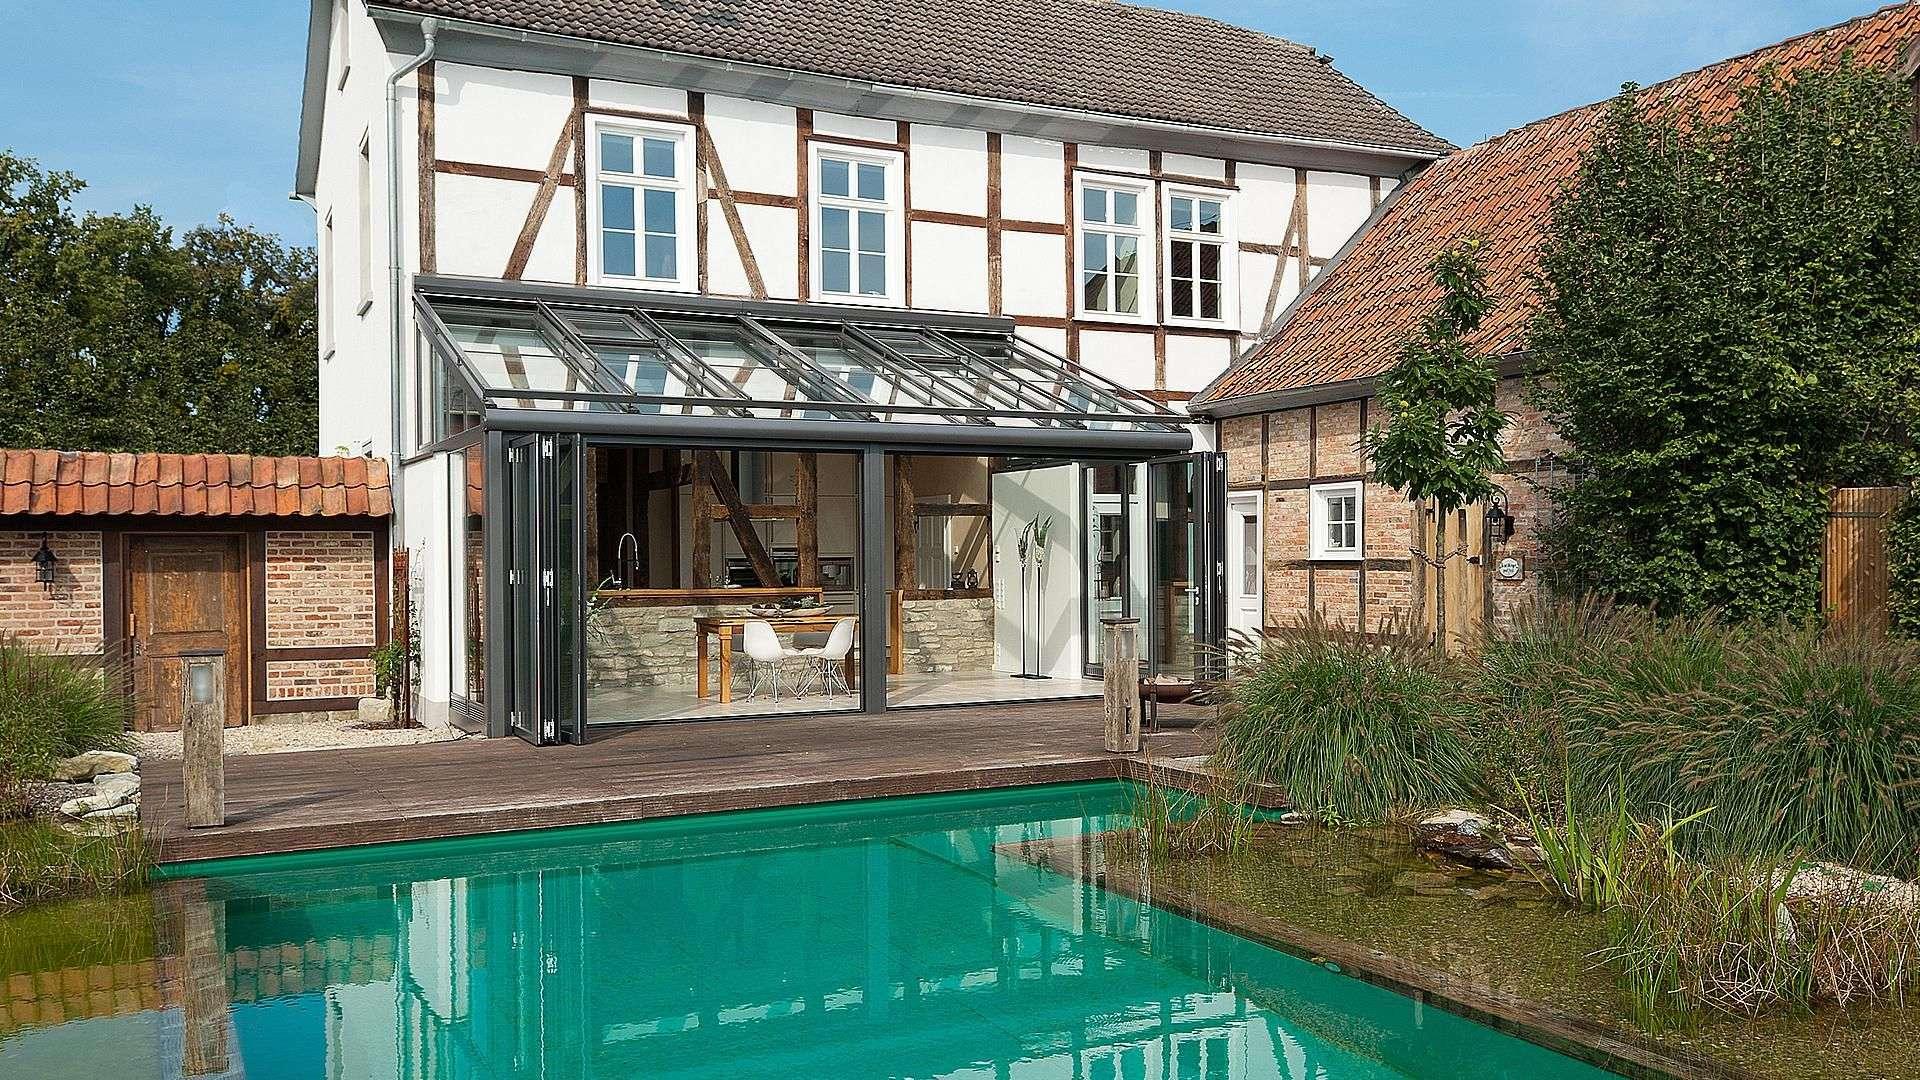 Fachwerkhaus mit Solarlux SDL Nobiles Wintergarten mit geöffneter Glasfront und großem Pool im Vordergrund